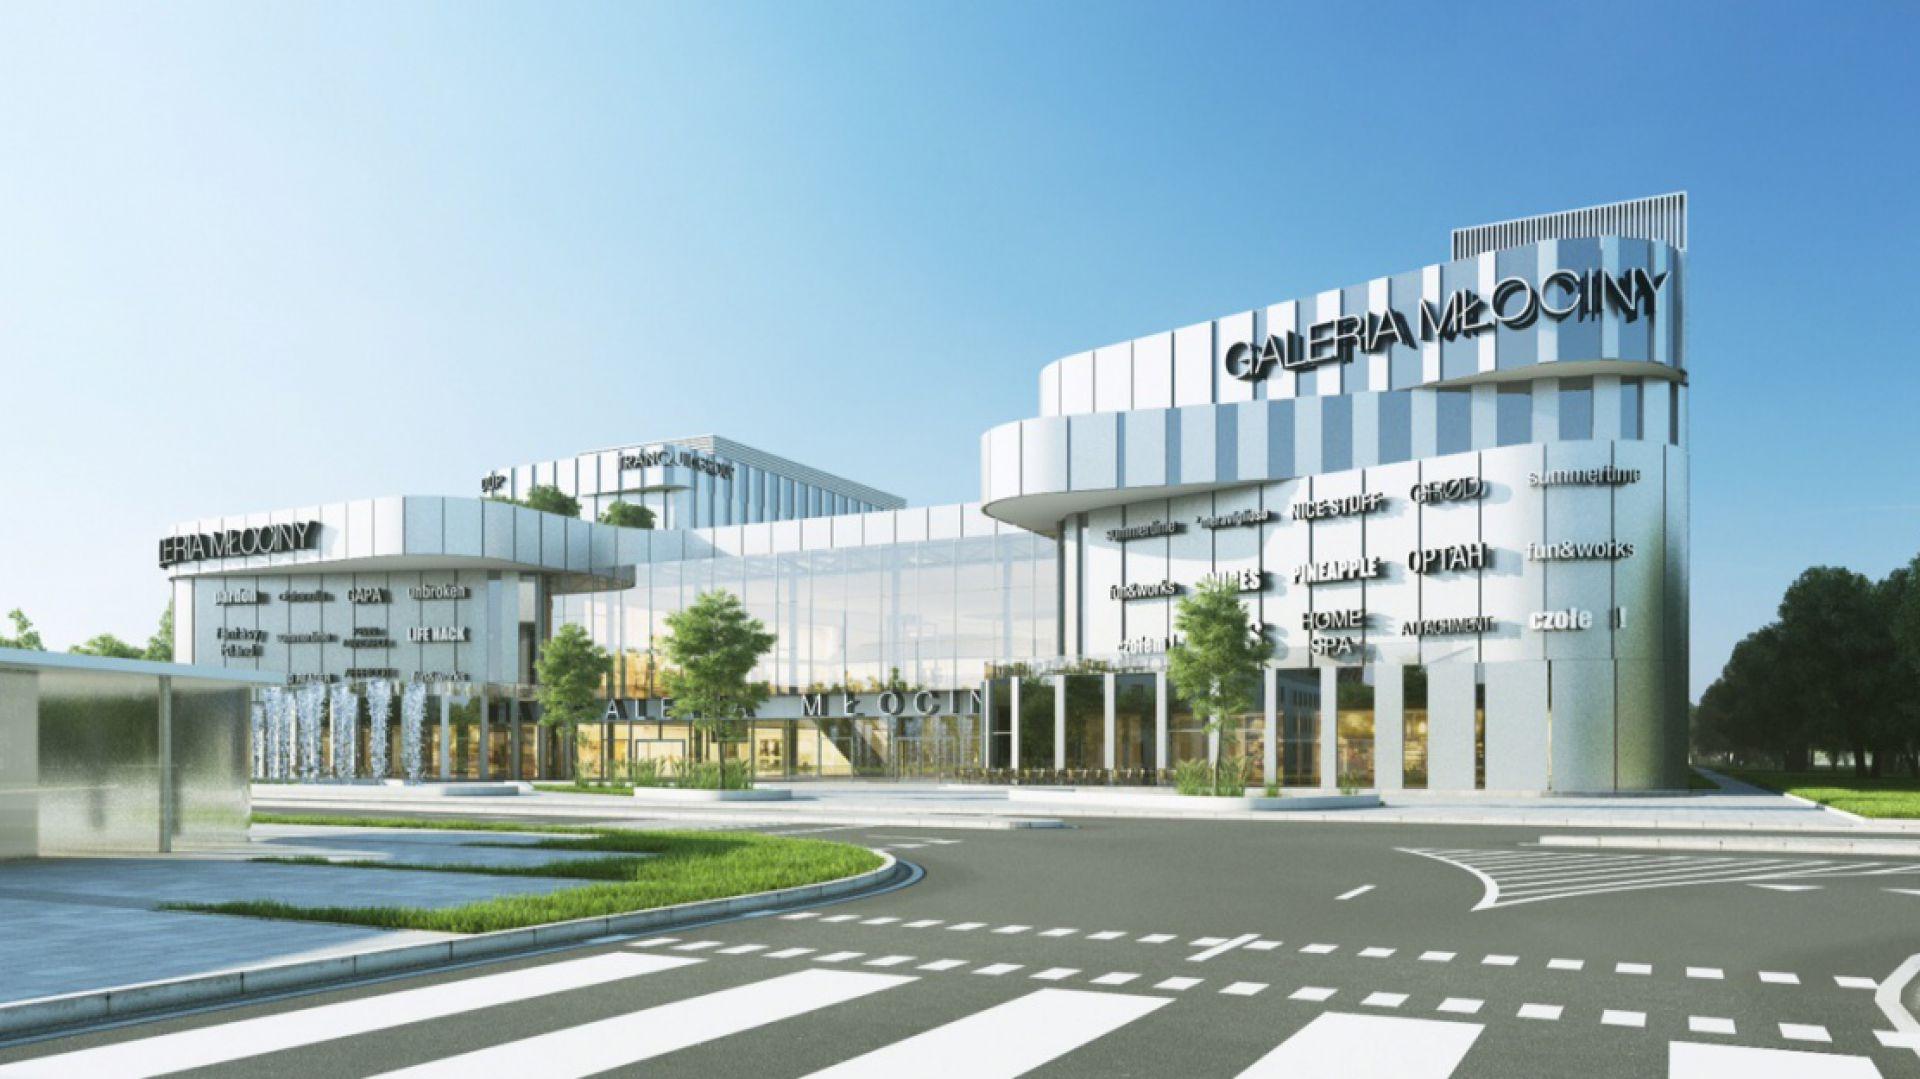 Galeria Młociny ma już podpisane umowy najmu na ponad połowę powierzchni handlowej. Docelowo na 70 tys. mkw. powierzchni najmu będzie około 220 lokali handlowych i usługowych, w których klienci znajdą popularne marki.